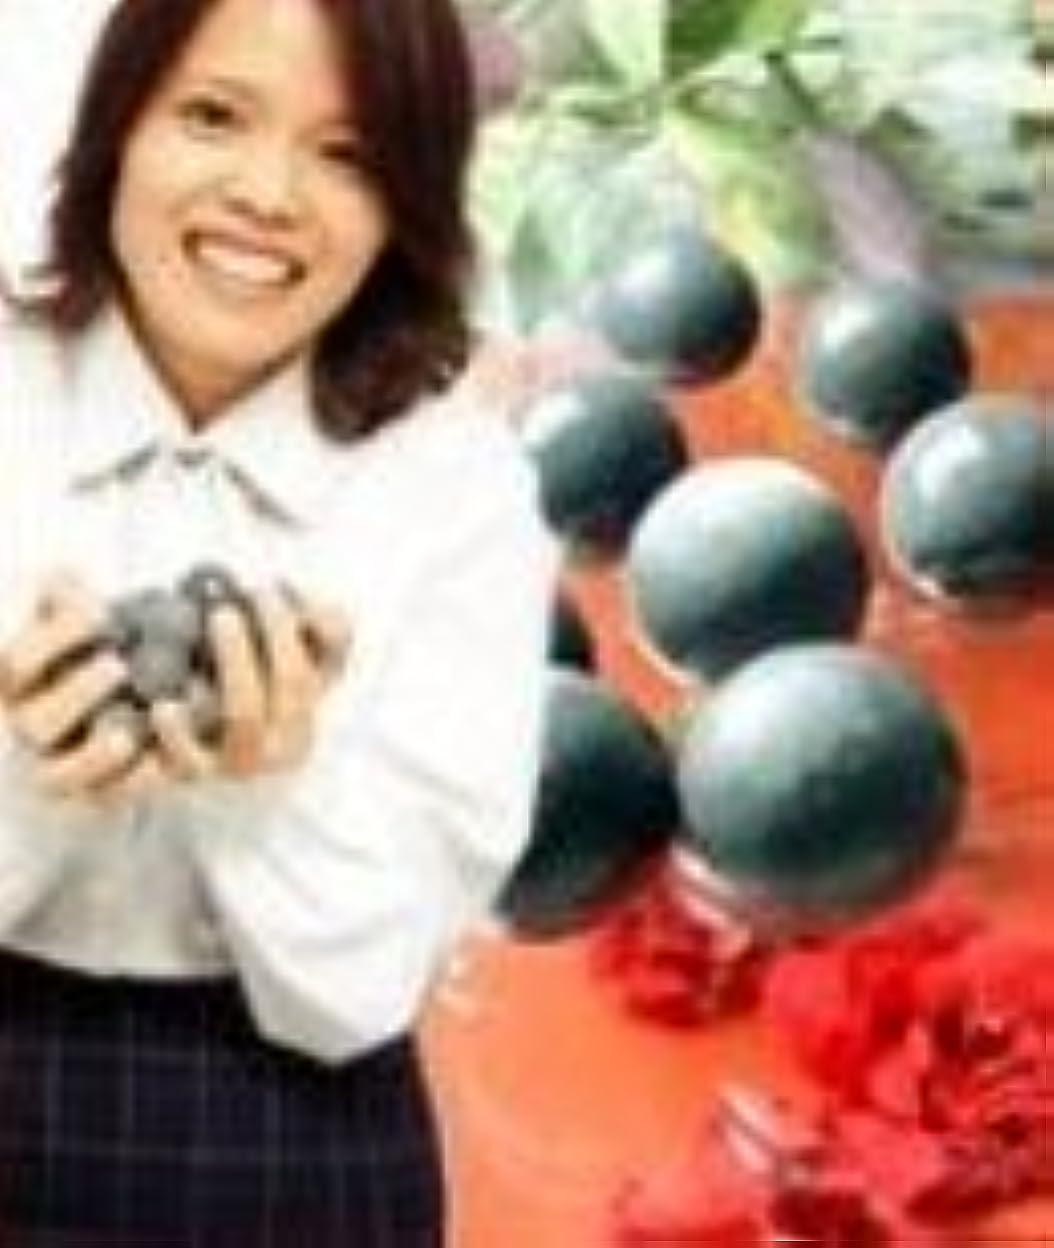 人物ラブ大いにゲルマボール ゲルマニウム温浴ができるゲルマニウム温浴ボール 10個 ゲルマ温浴ボール